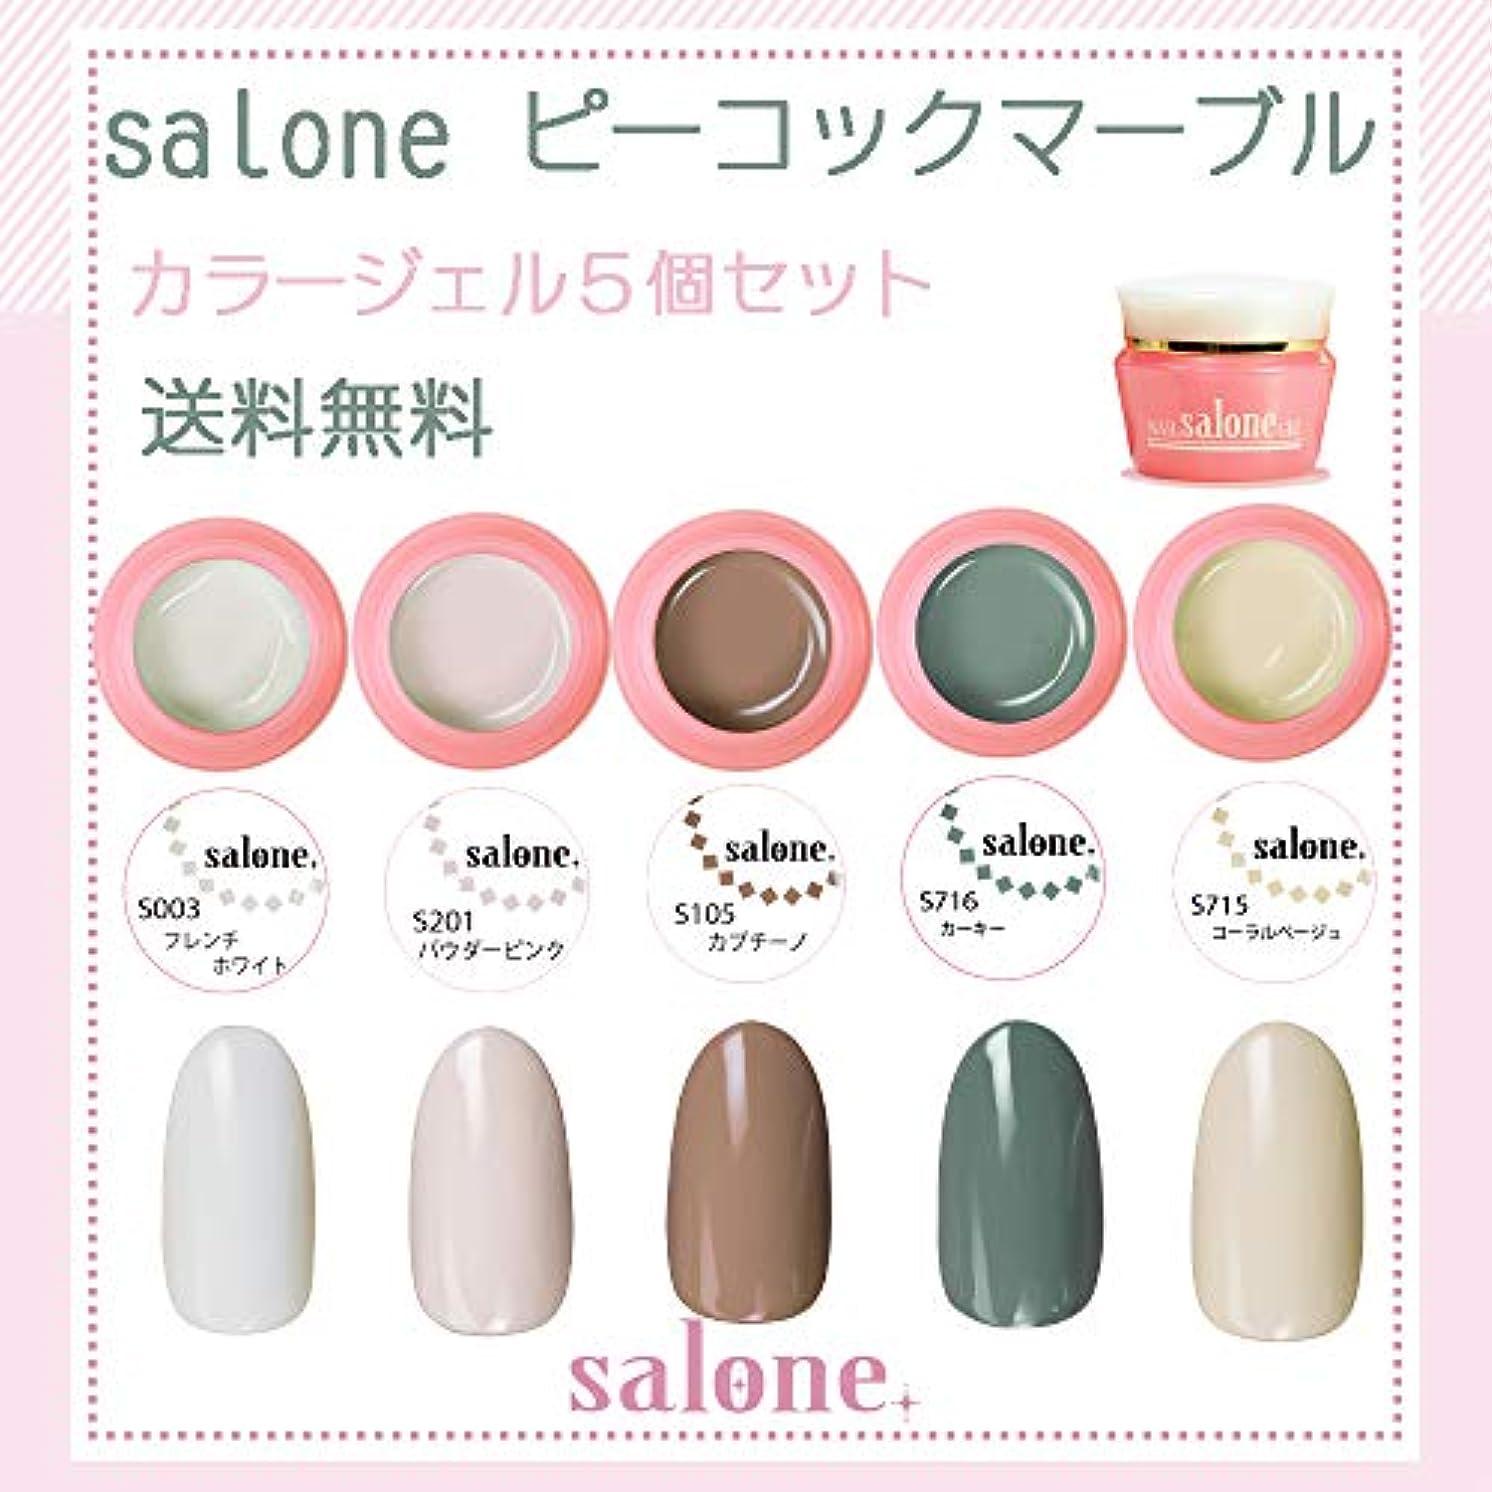 こしょうソブリケットこっそり【送料無料 日本製】Salone ピーコックマーブル カラージェル5個セット ネイルのマストデザイン、ピーコックマーブルカラー